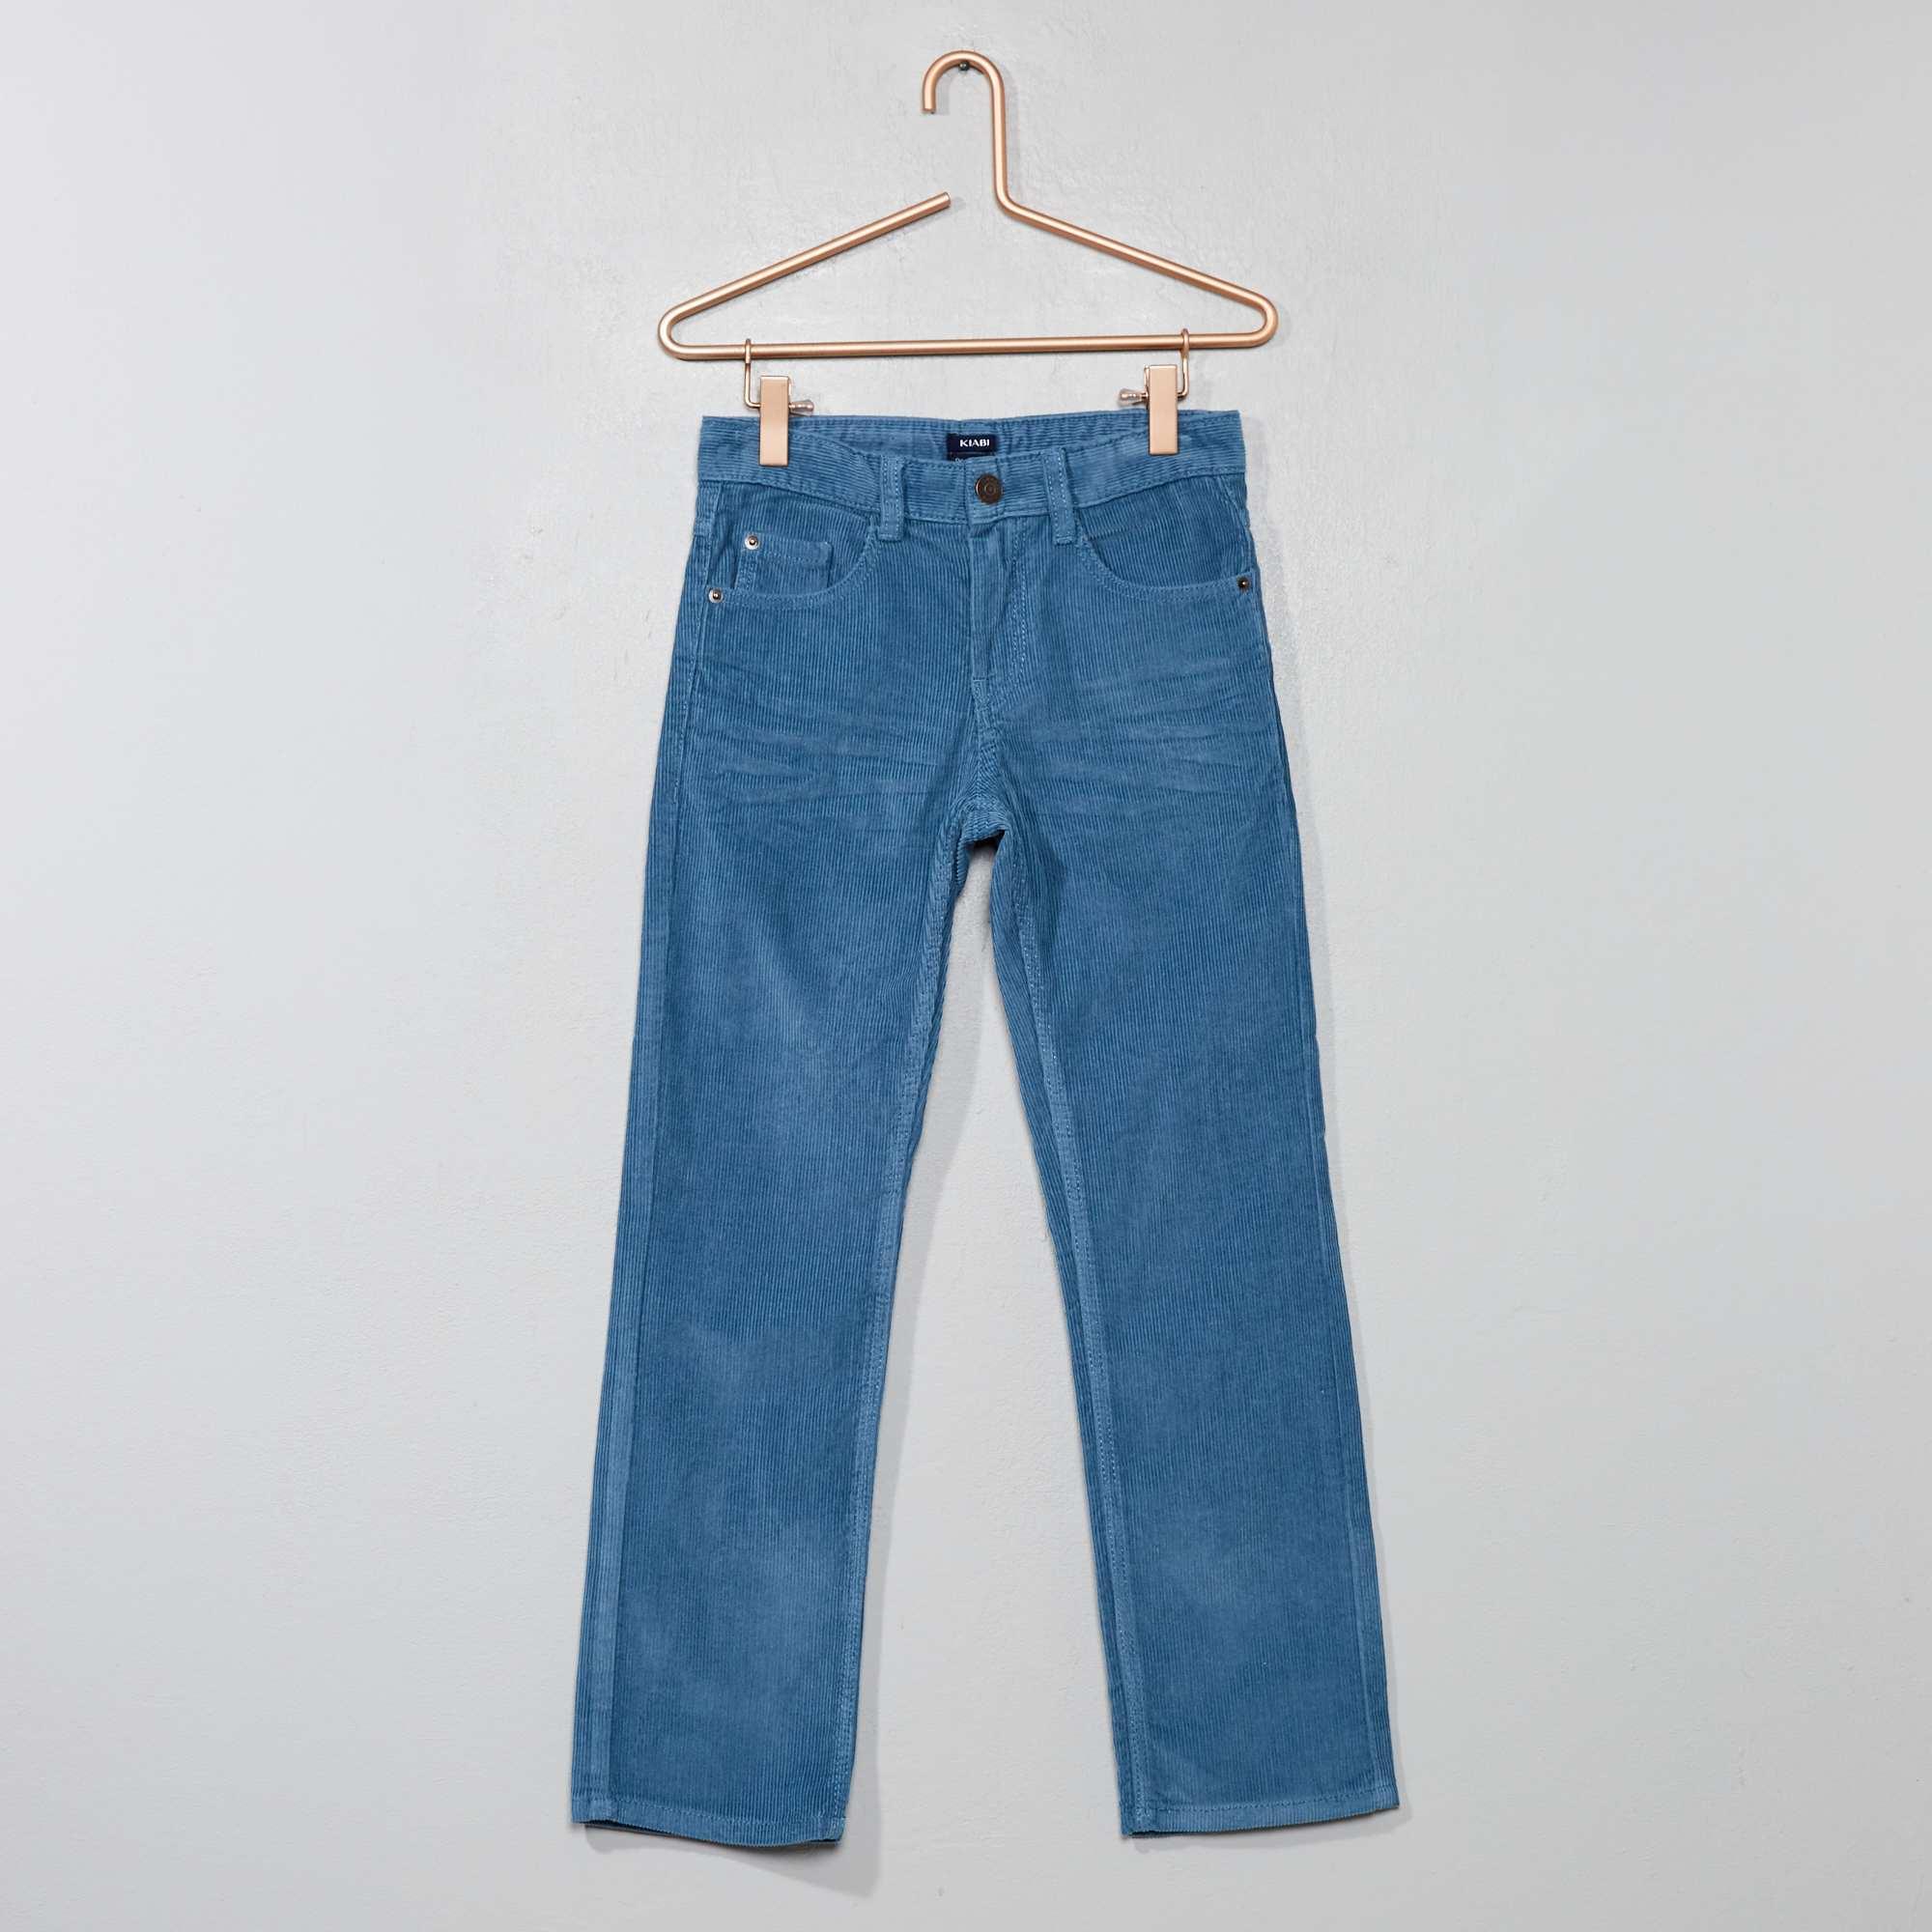 21f458e4222 Pantalón de pana Chico - AZUL - Kiabi - 6